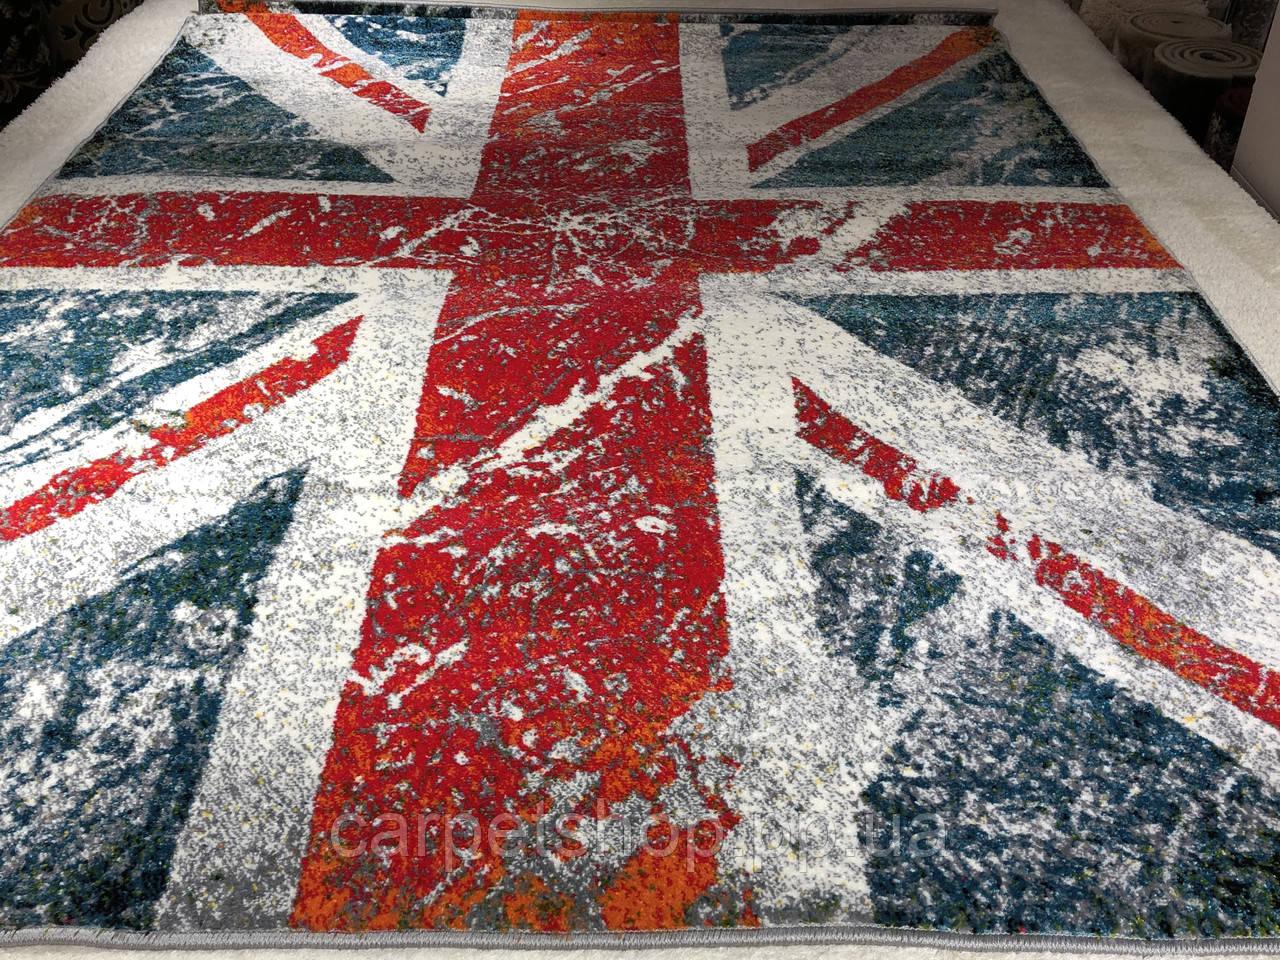 160x230 см, Kolibri 11197/140, килим Британський прапор, виробник Karat Carpet Україна